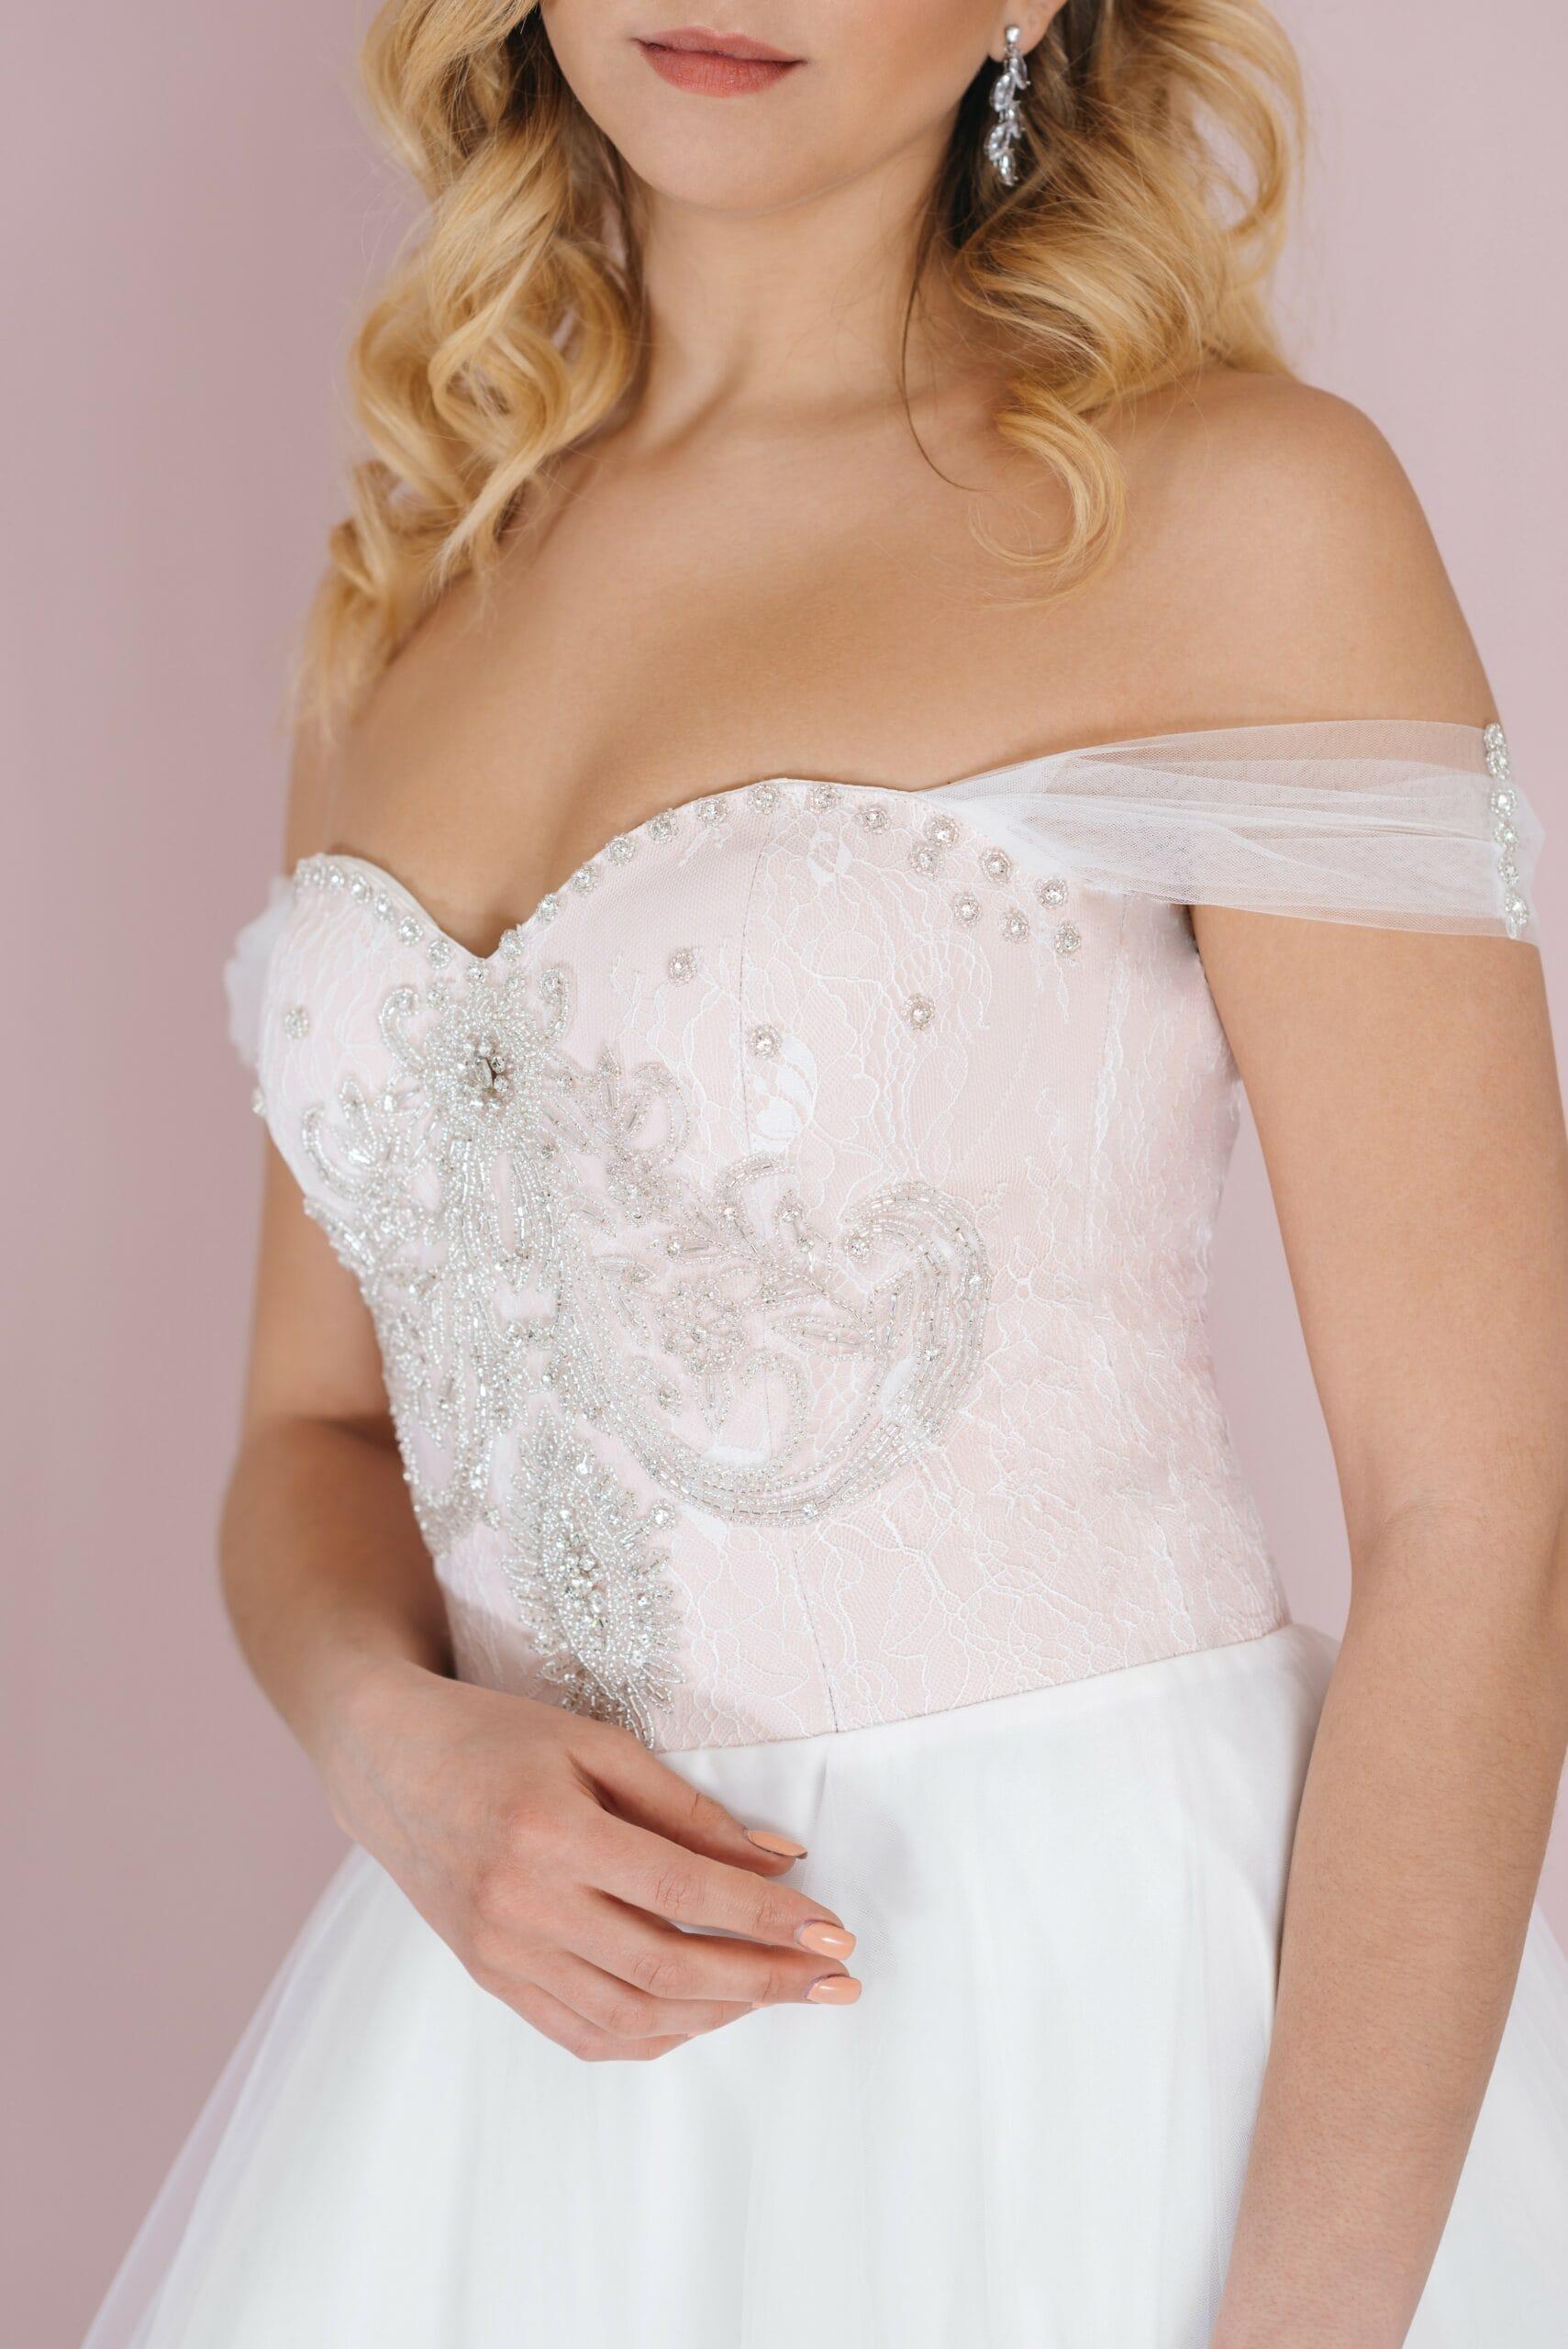 Свадебное платье BELISSA, коллекция LOFT, бренд RARE BRIDAL, фото 4